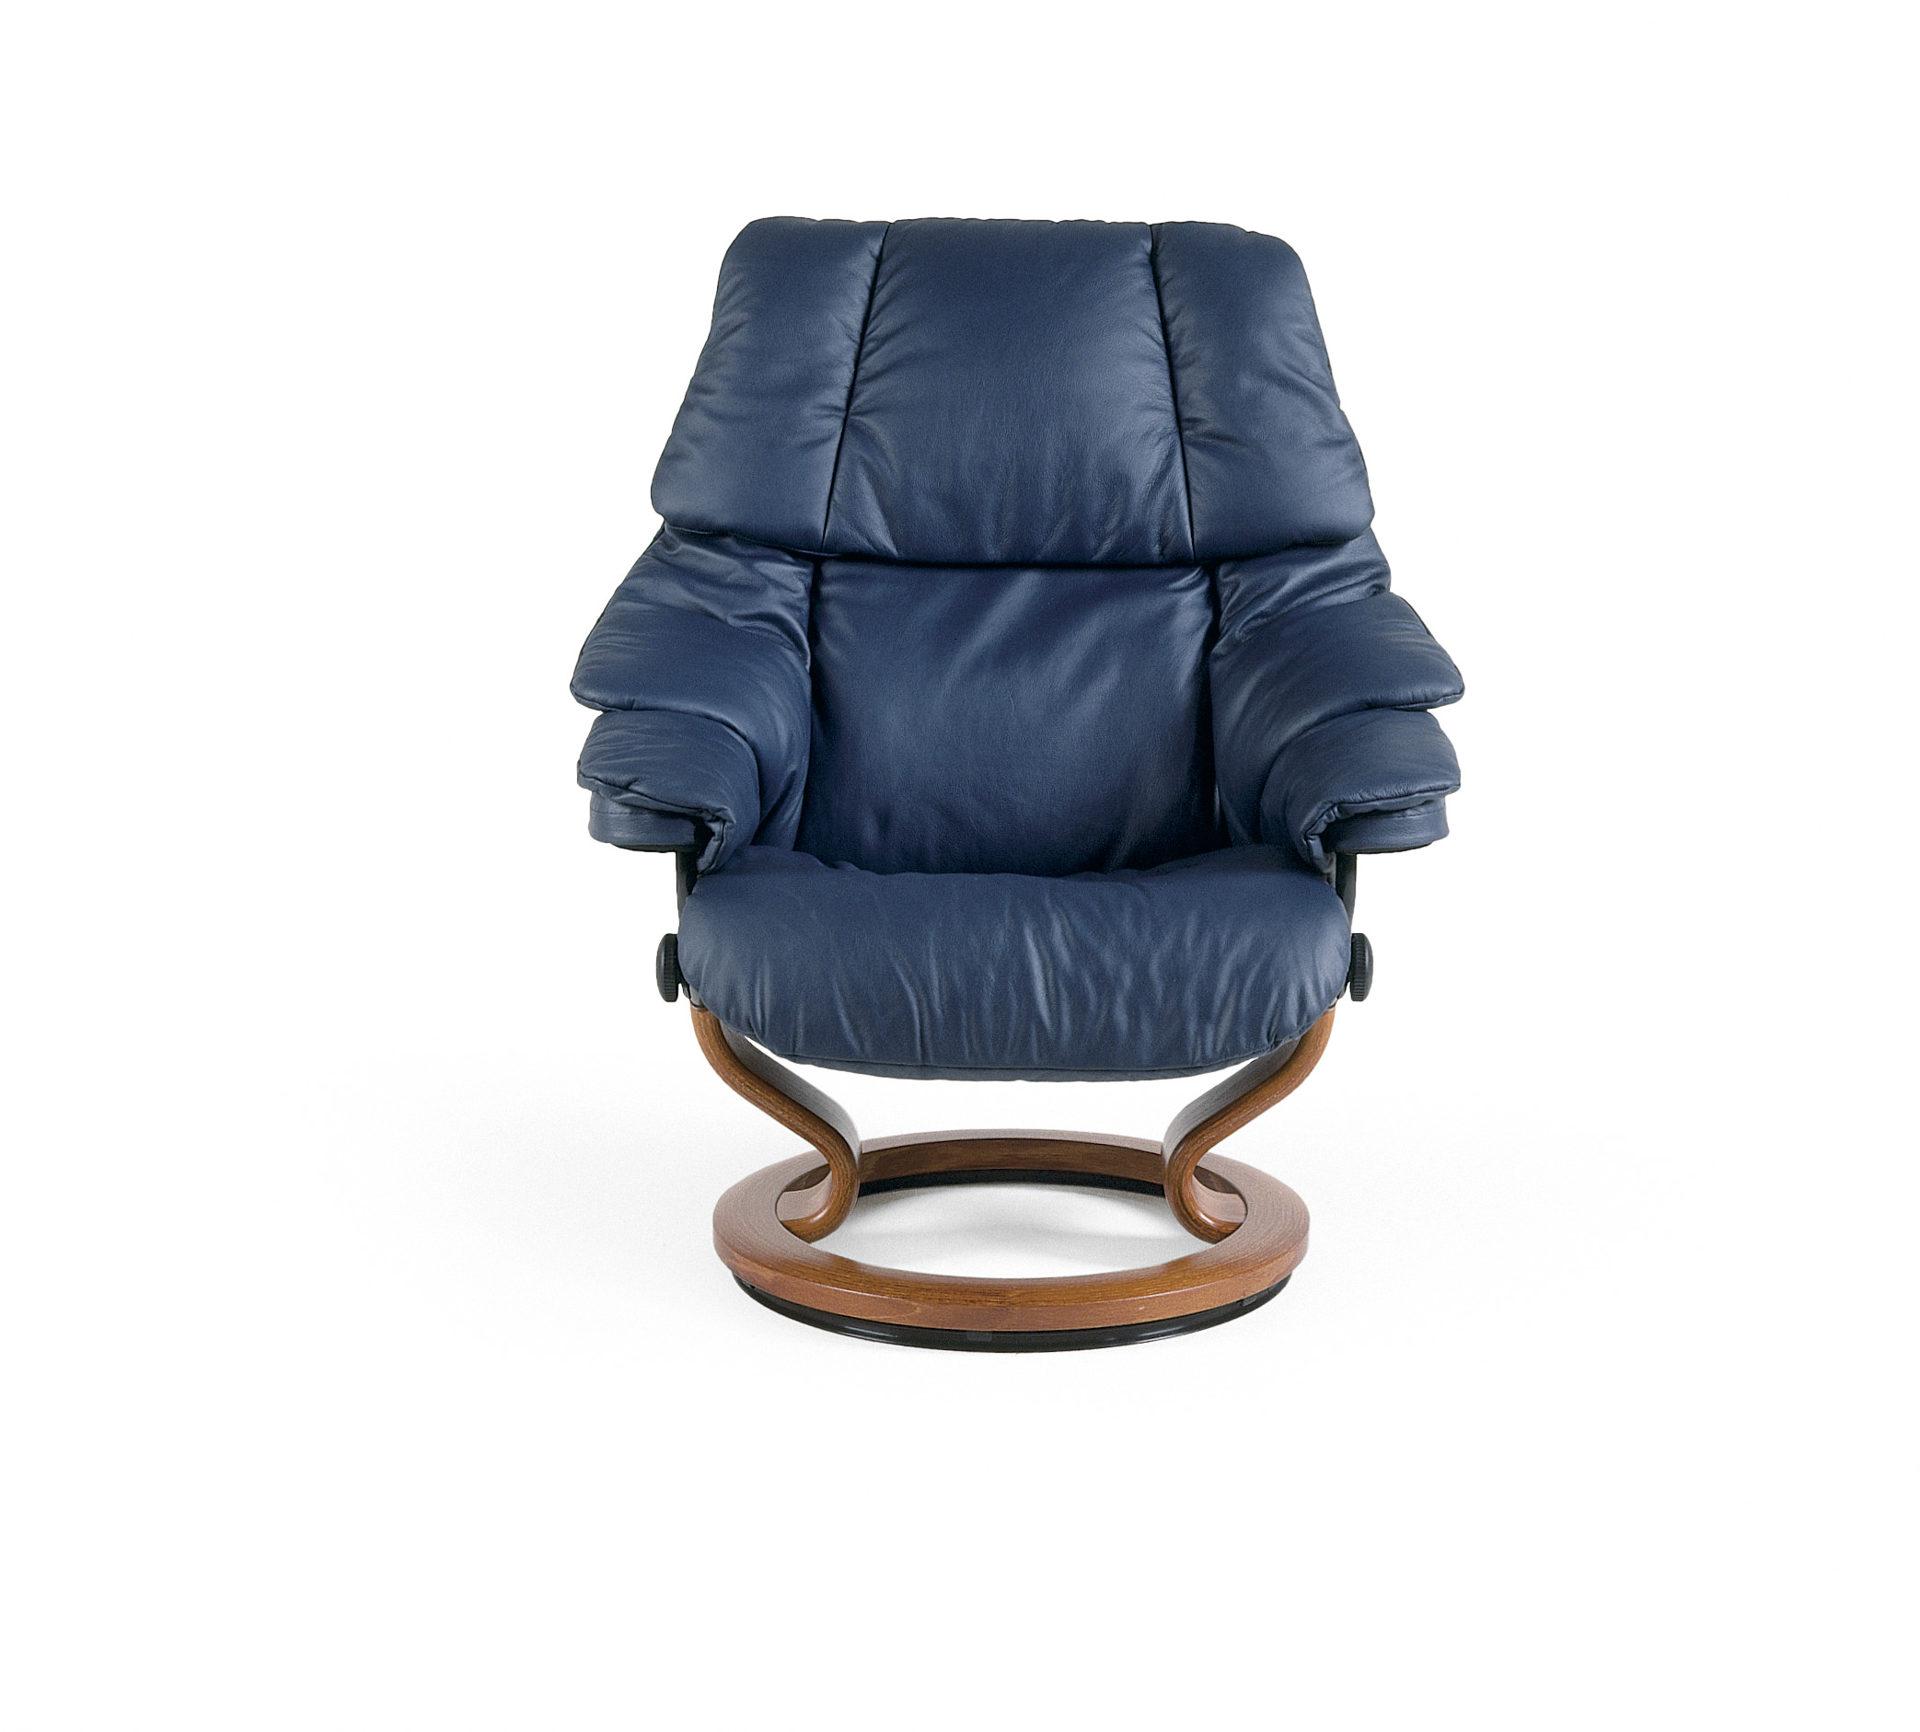 Stressless Sessel Montageanleitung